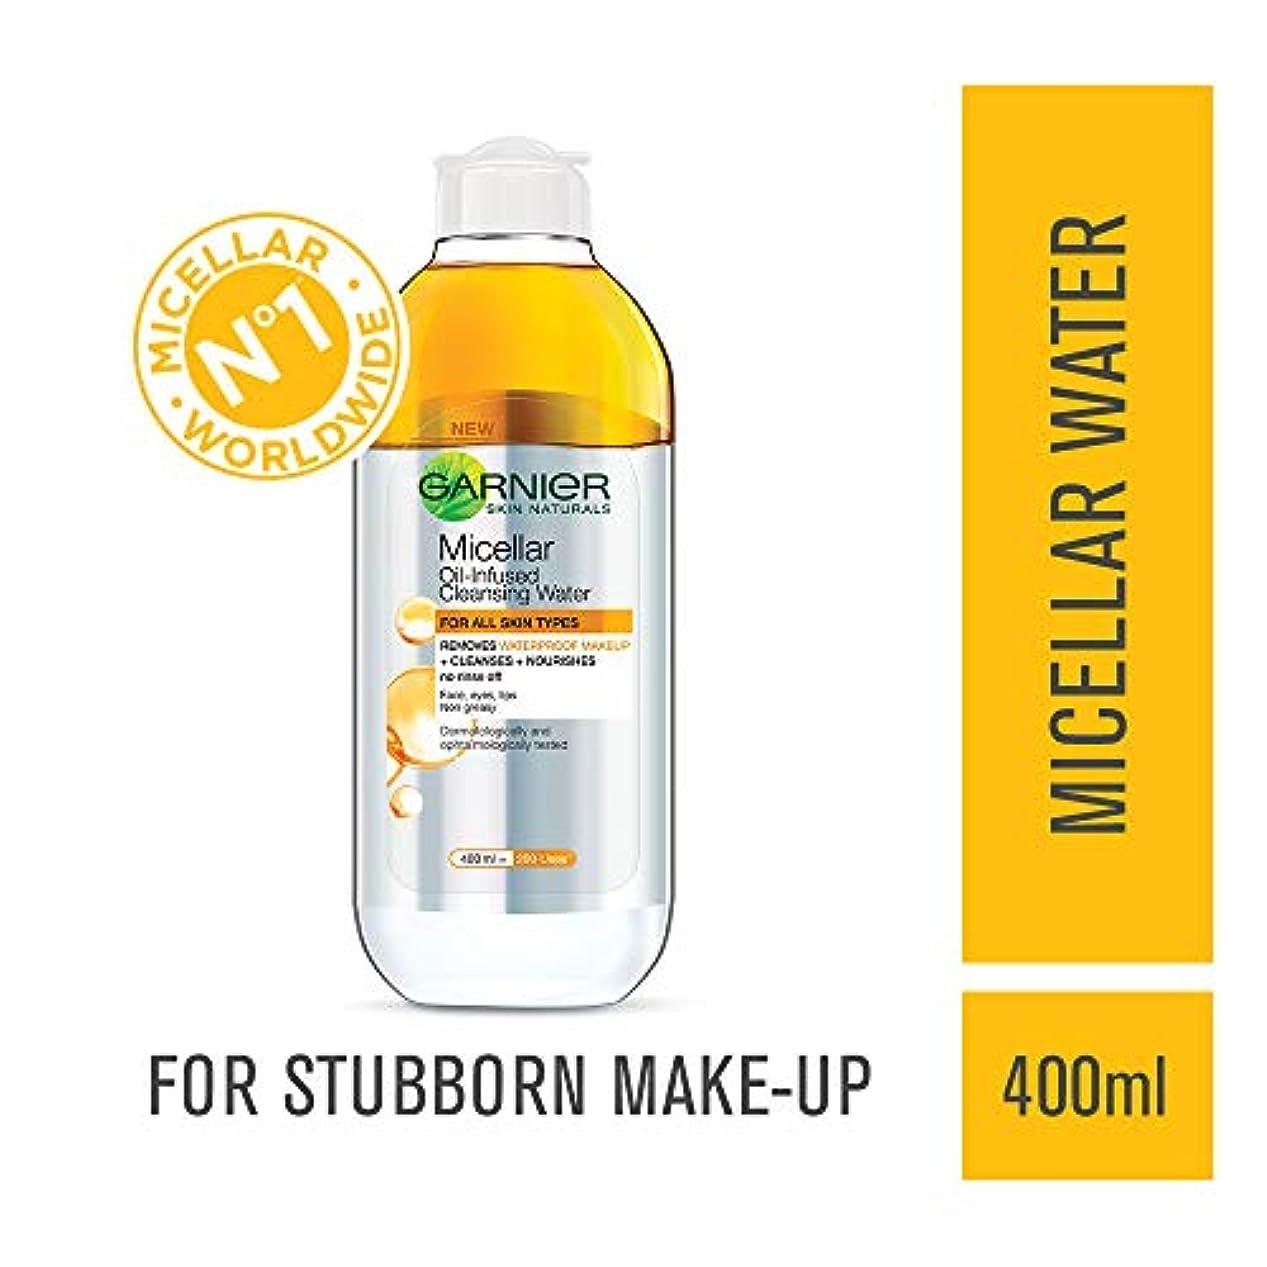 シロナガスクジラ故意のニンニクGarnier Skin Naturals, Micellar Oil-Infused Cleansing Water, 400ml